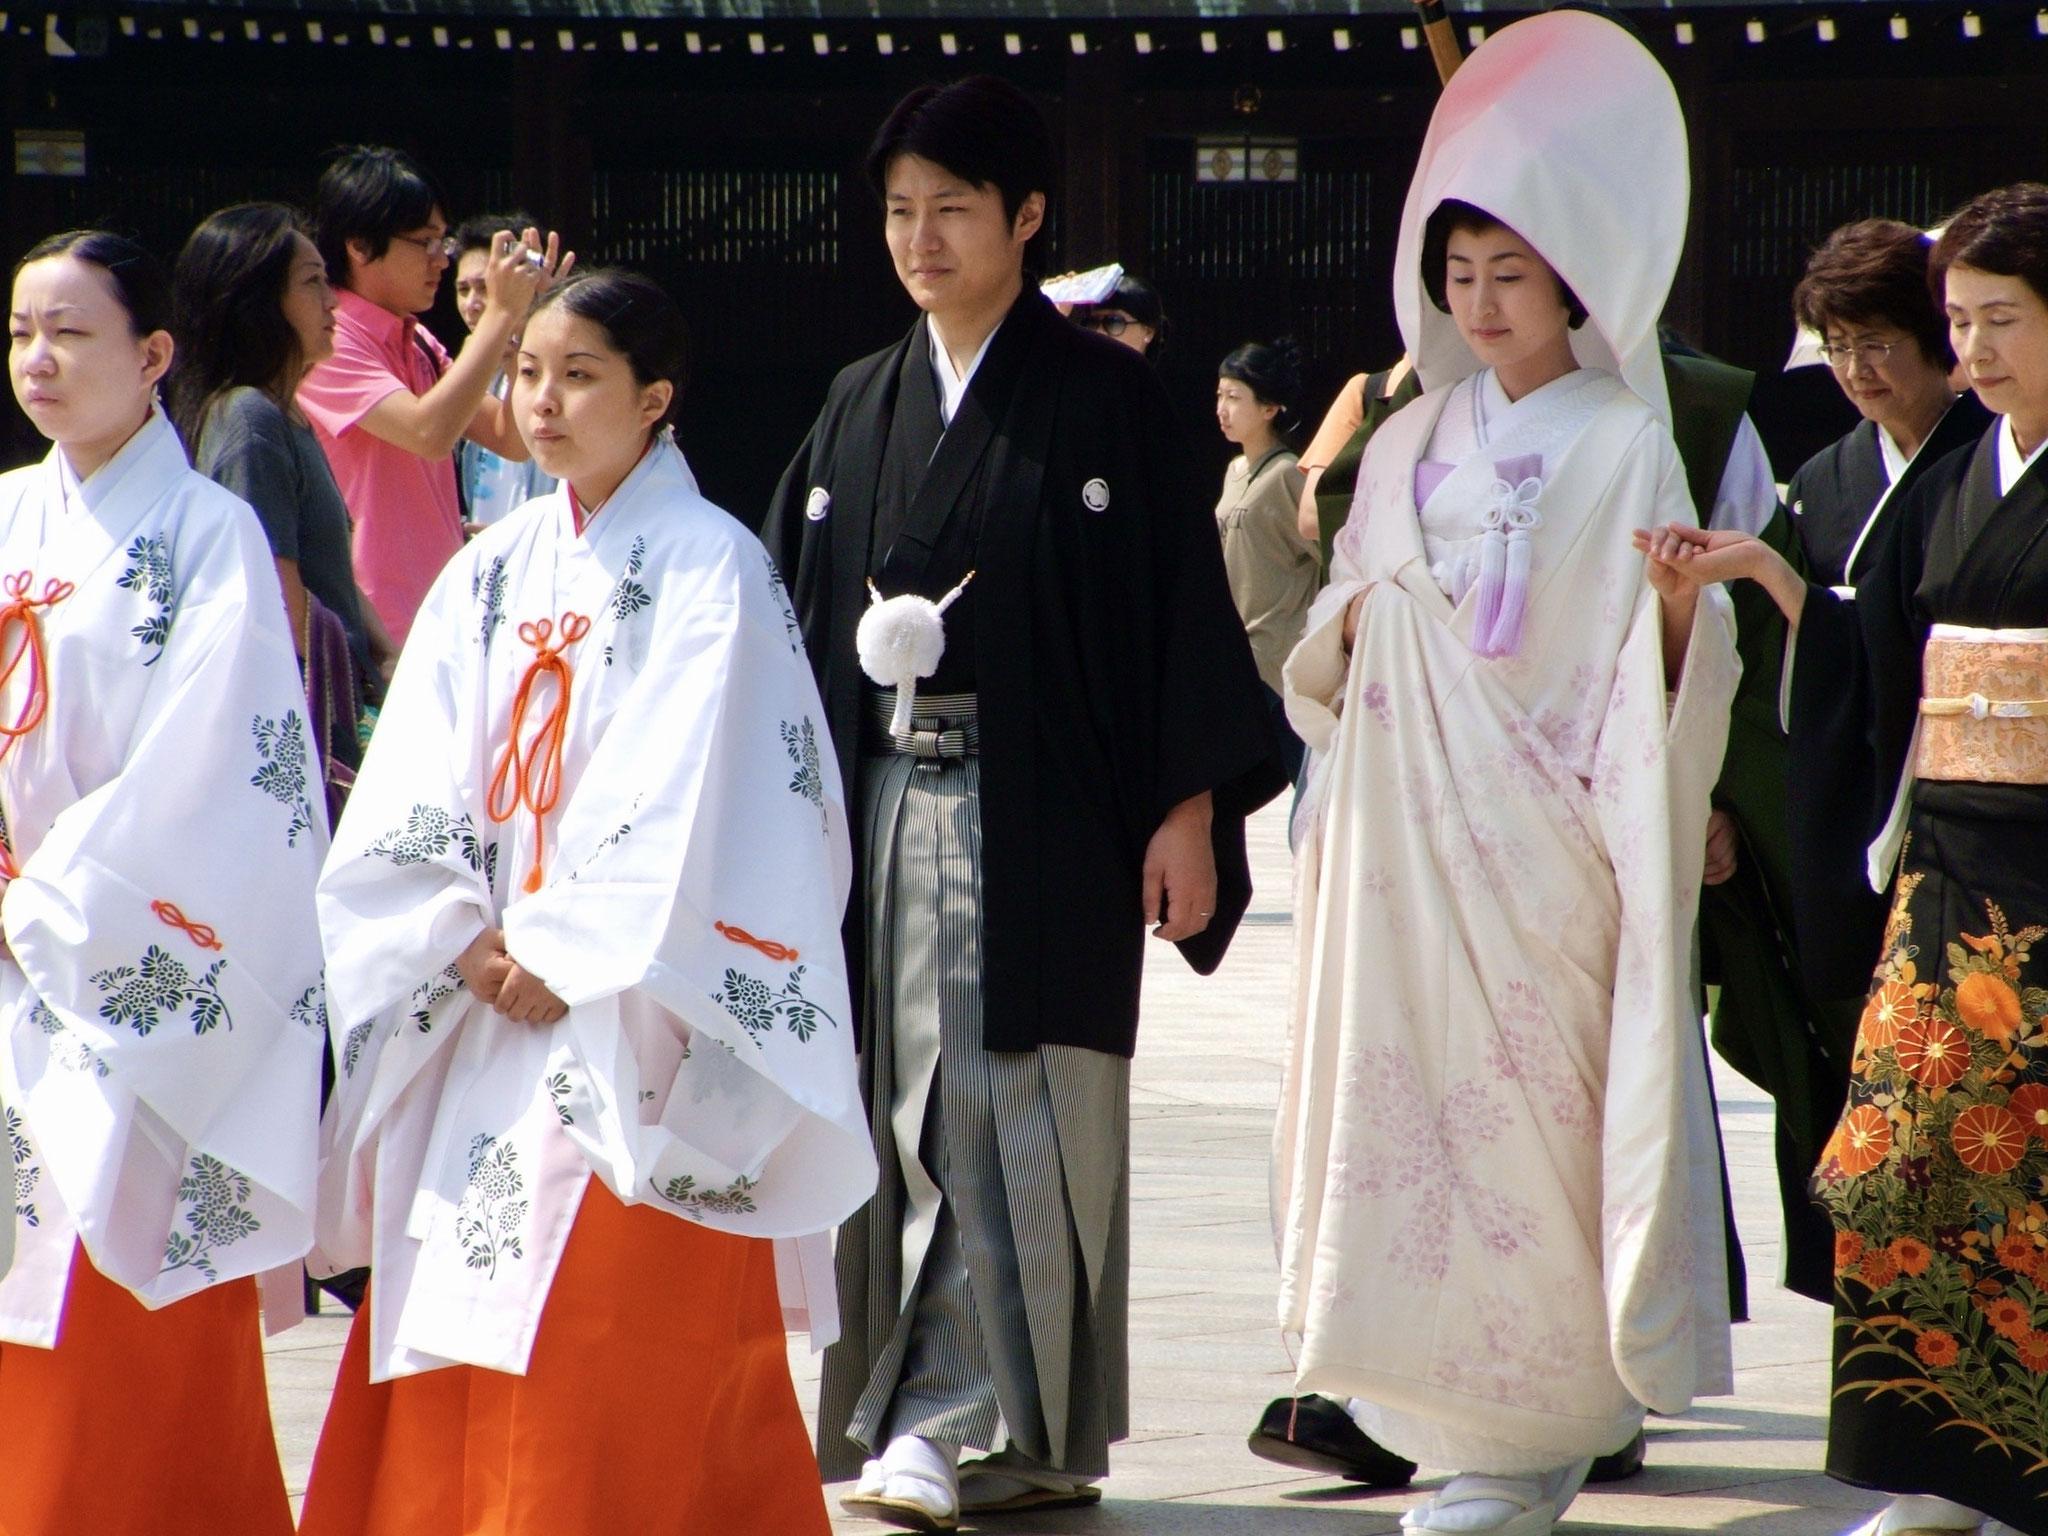 Shinto wedding couple preceded by Shinto maidens, Tokyo